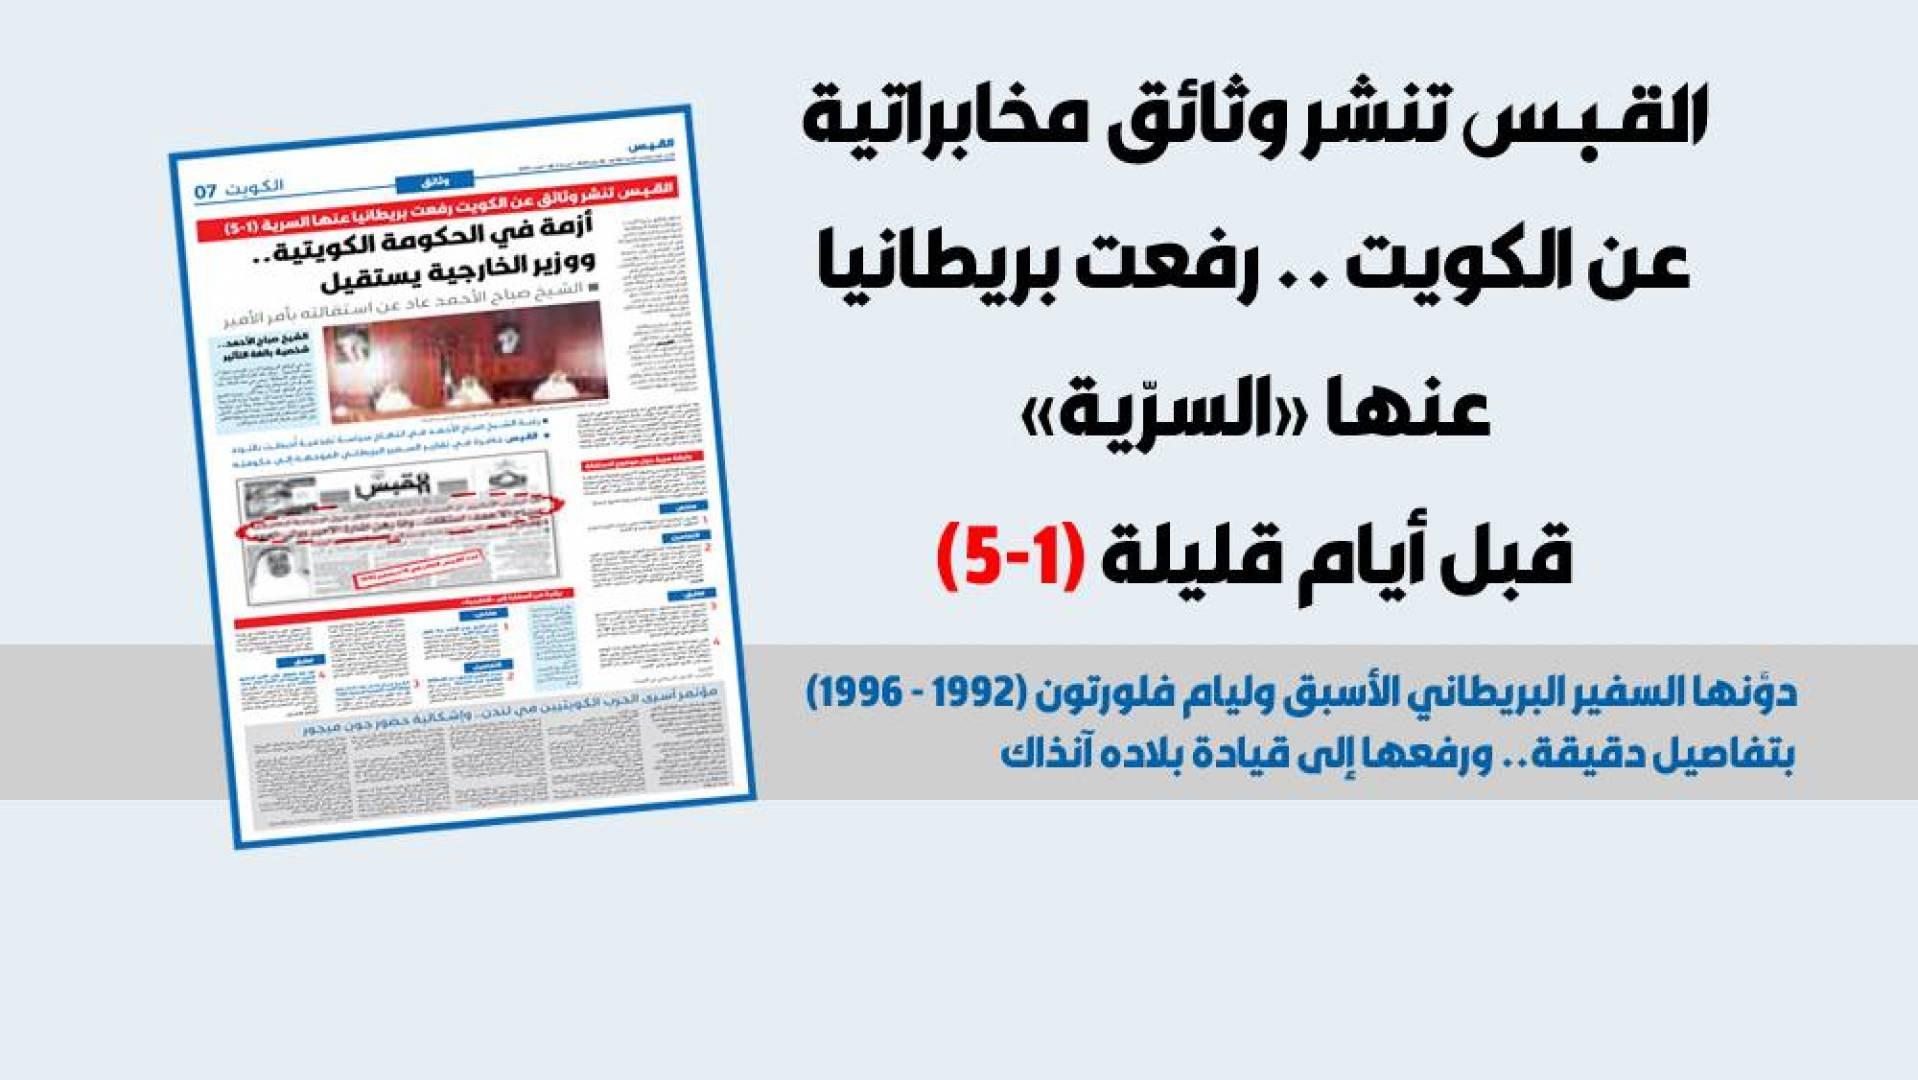 «القبس بريميوم» تنشر وثائق عن الكويت رفعت بريطانيا عنها السرية (1-5)